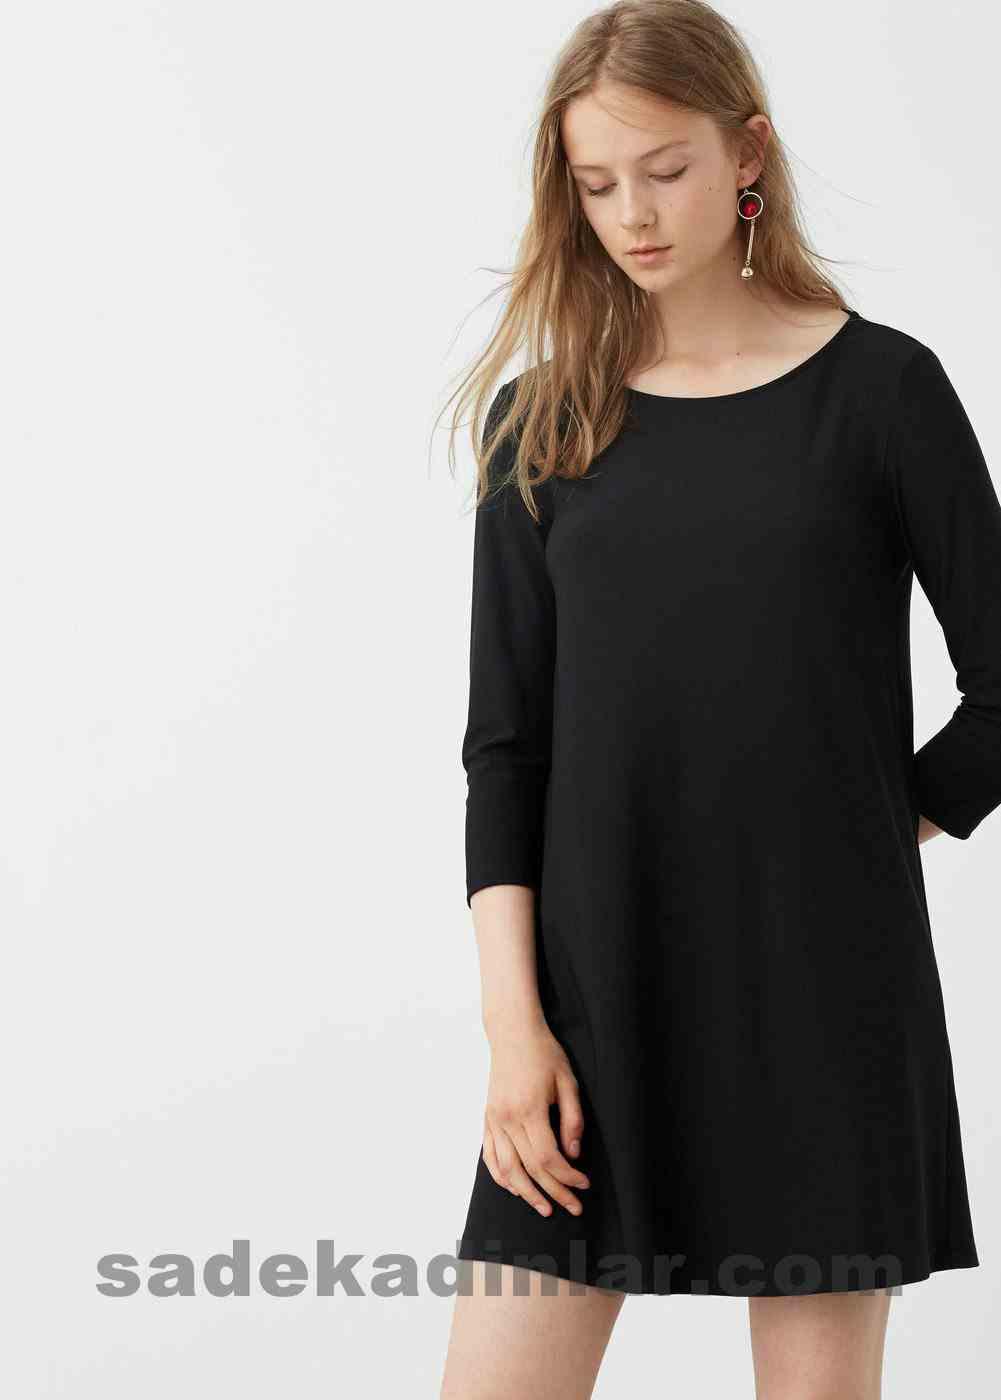 Abiye Elbise Modelleri Şık ve Güzel 2019 Gece Elbiseleri Sırt Dekolteli Siyah